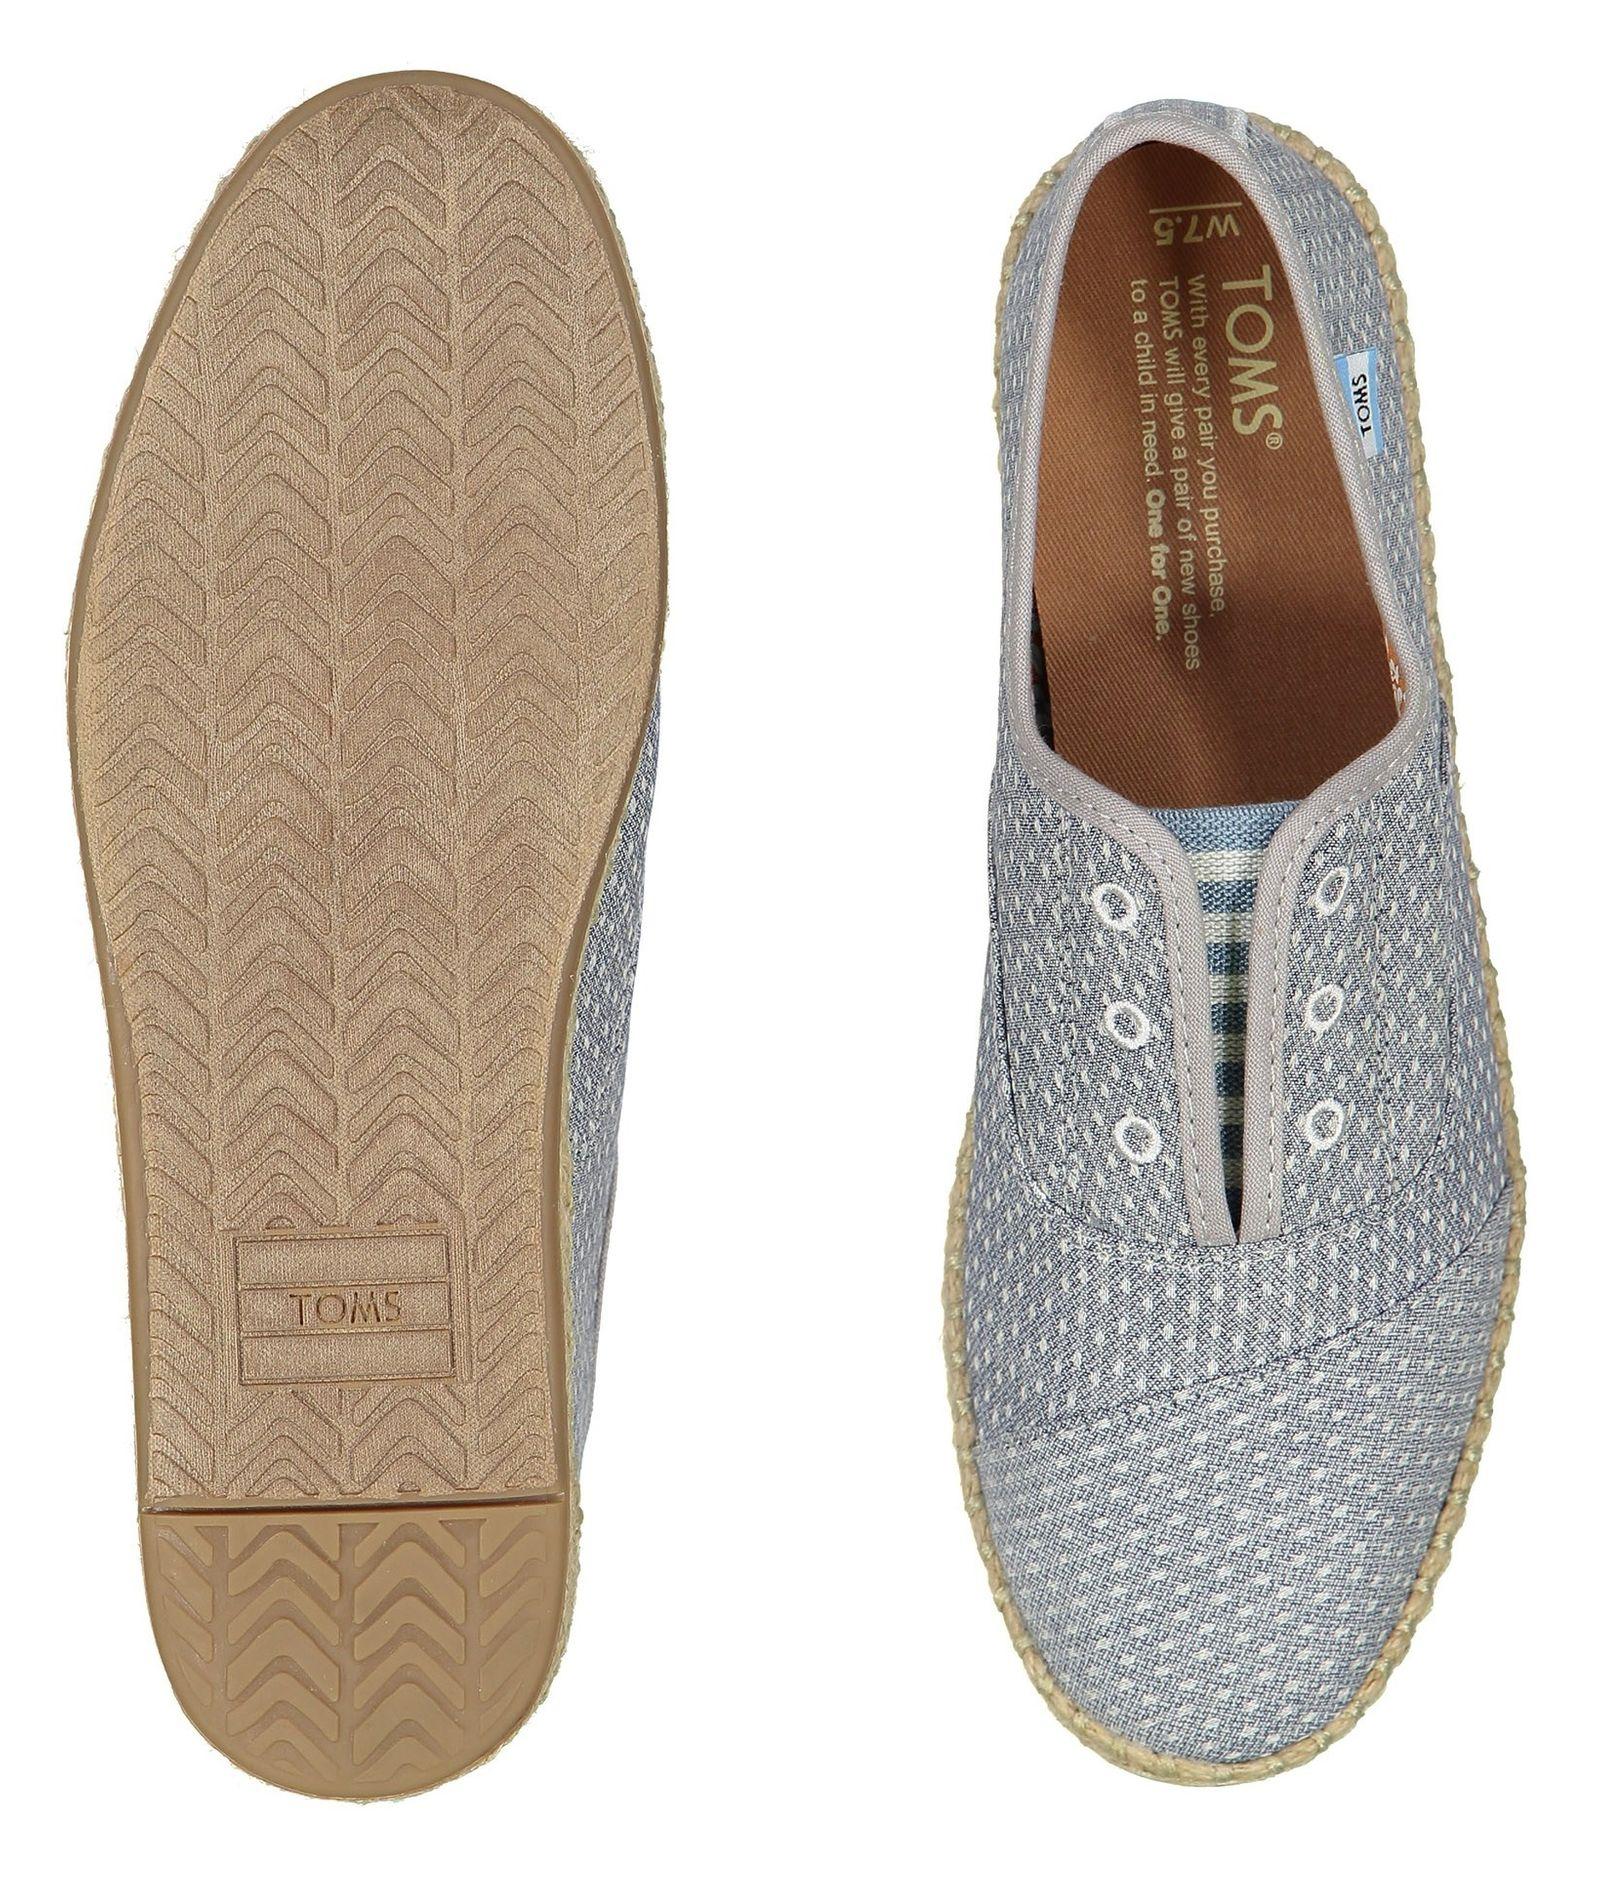 کفش تخت پارچه ای زنانه - تامز - آبي - 2